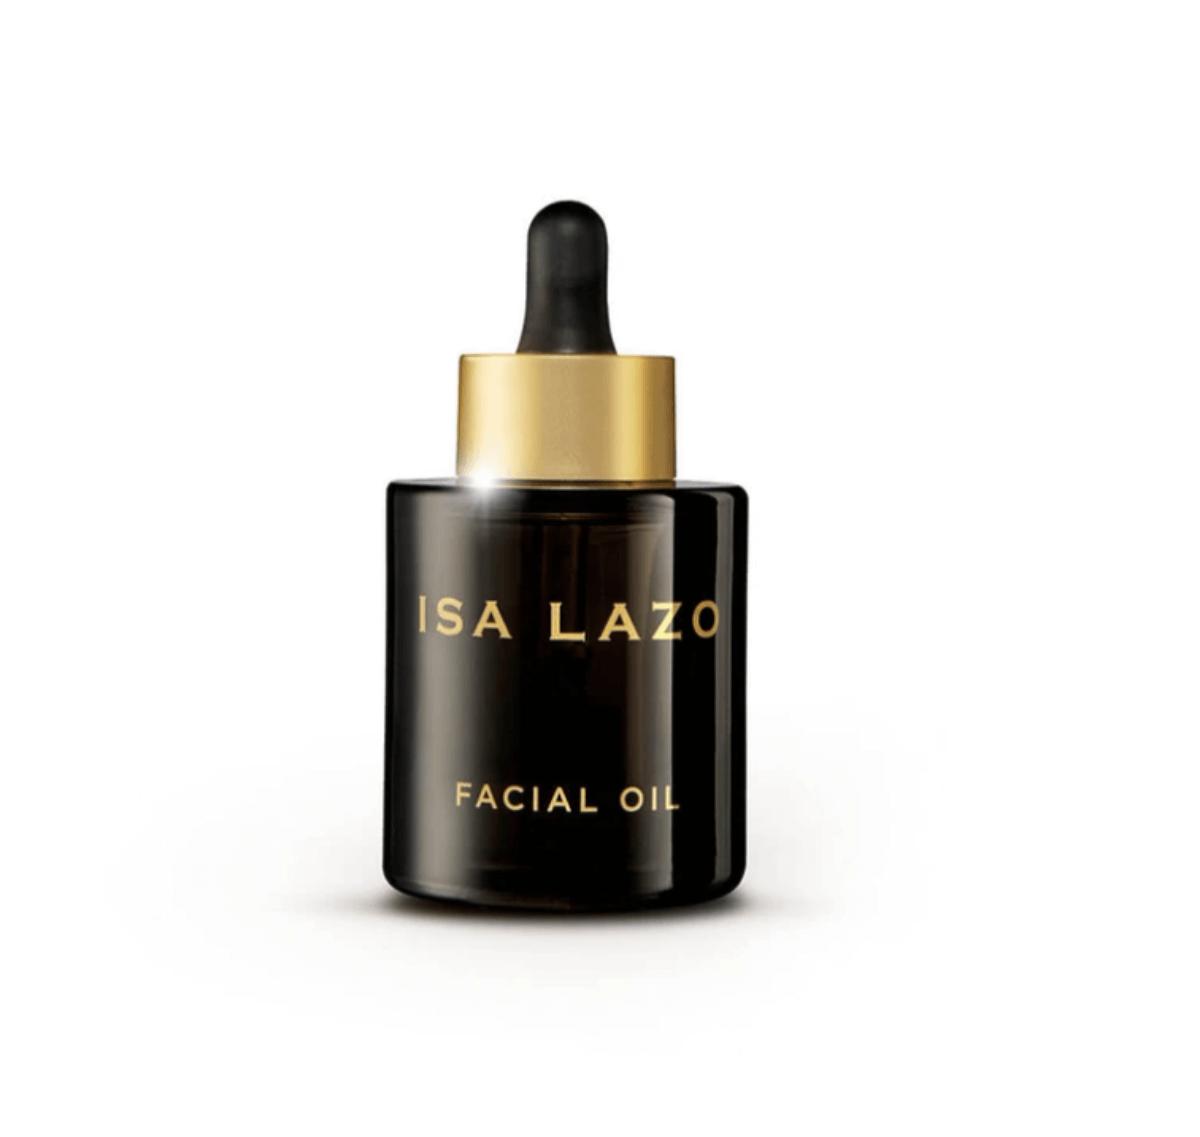 isa lazo facial oil